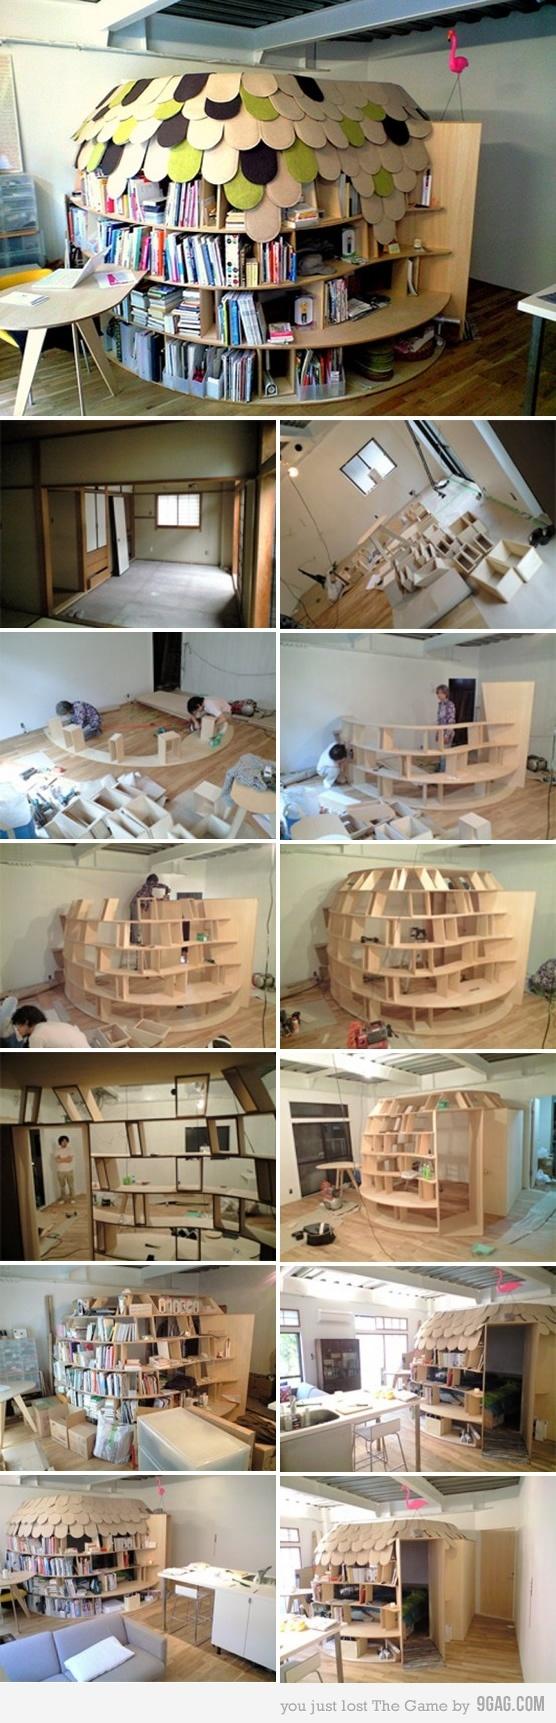 Bedroom igloo